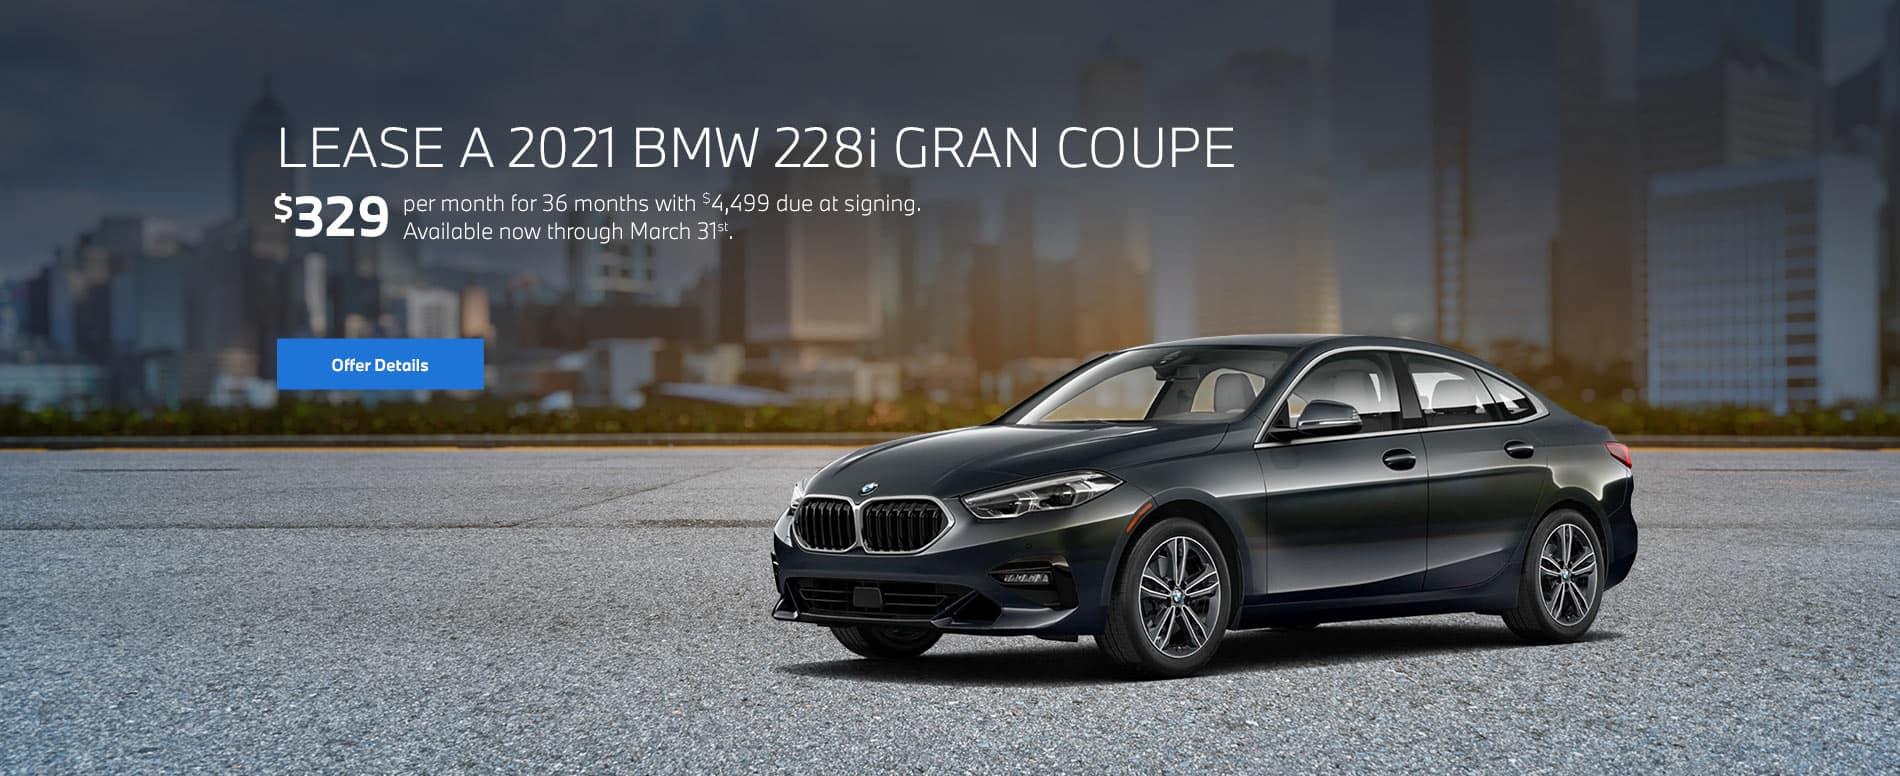 BMWAlbany_Slide_1900x776_03-21_228i